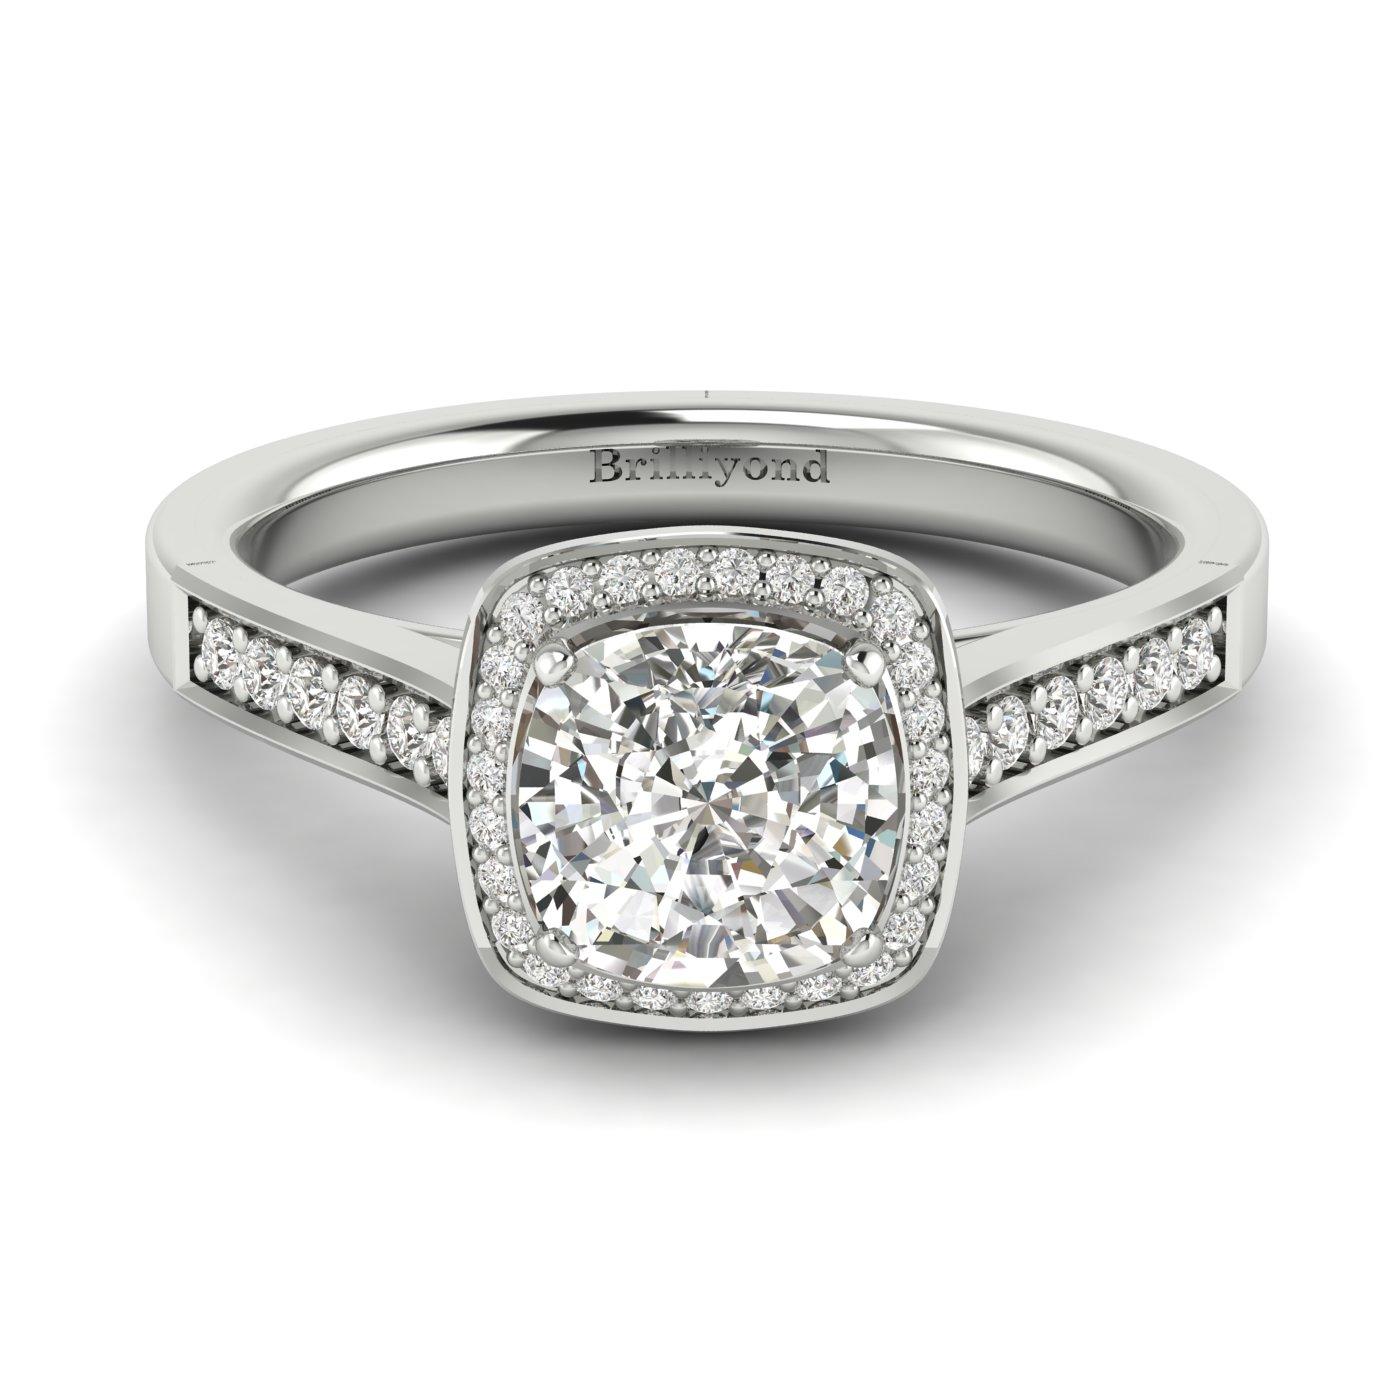 Diamond White Gold Cushion Cut Engagement Ring Arcadia_image1